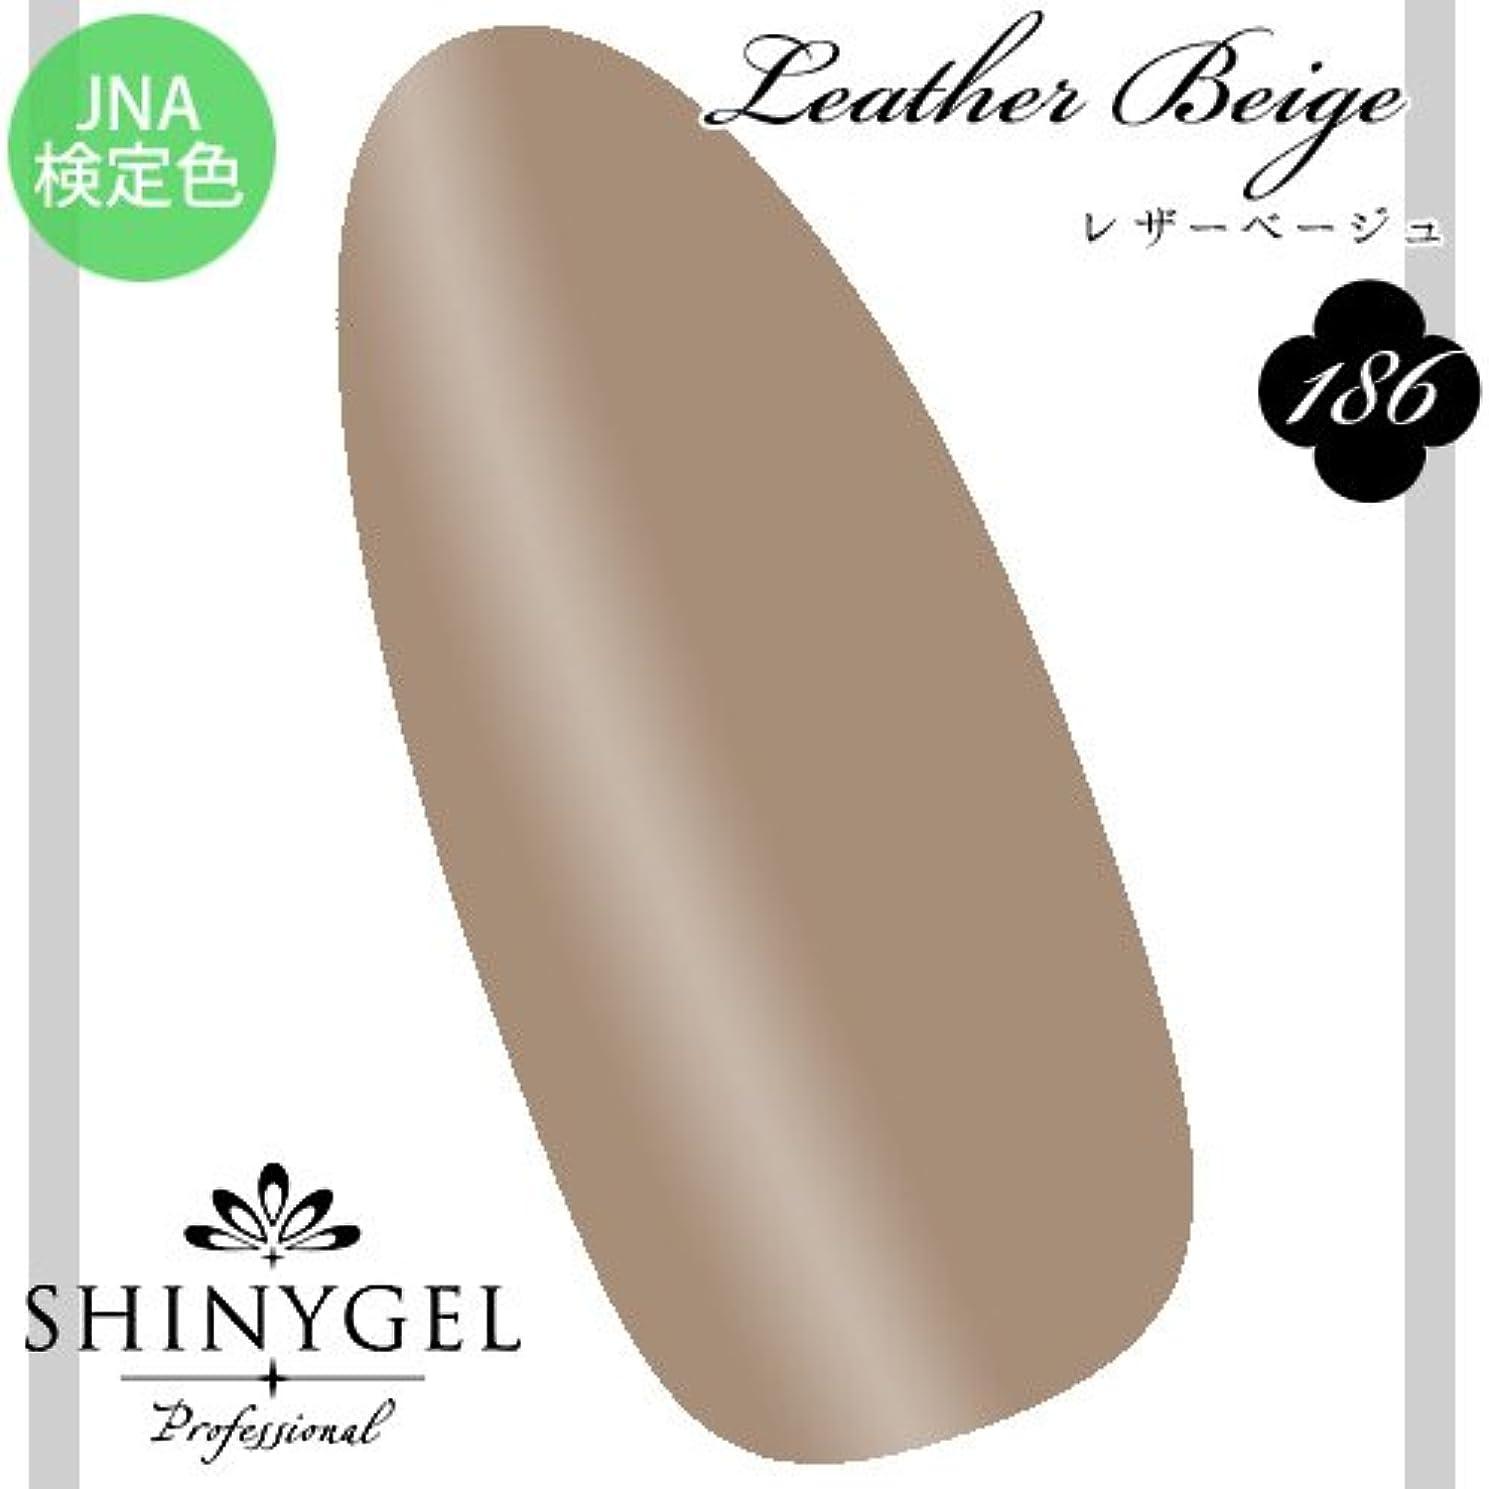 いいねぬれた完全に乾くSHINY GEL カラージェル 186 4g レザーベージュ JNA検定色 UV/LED対応